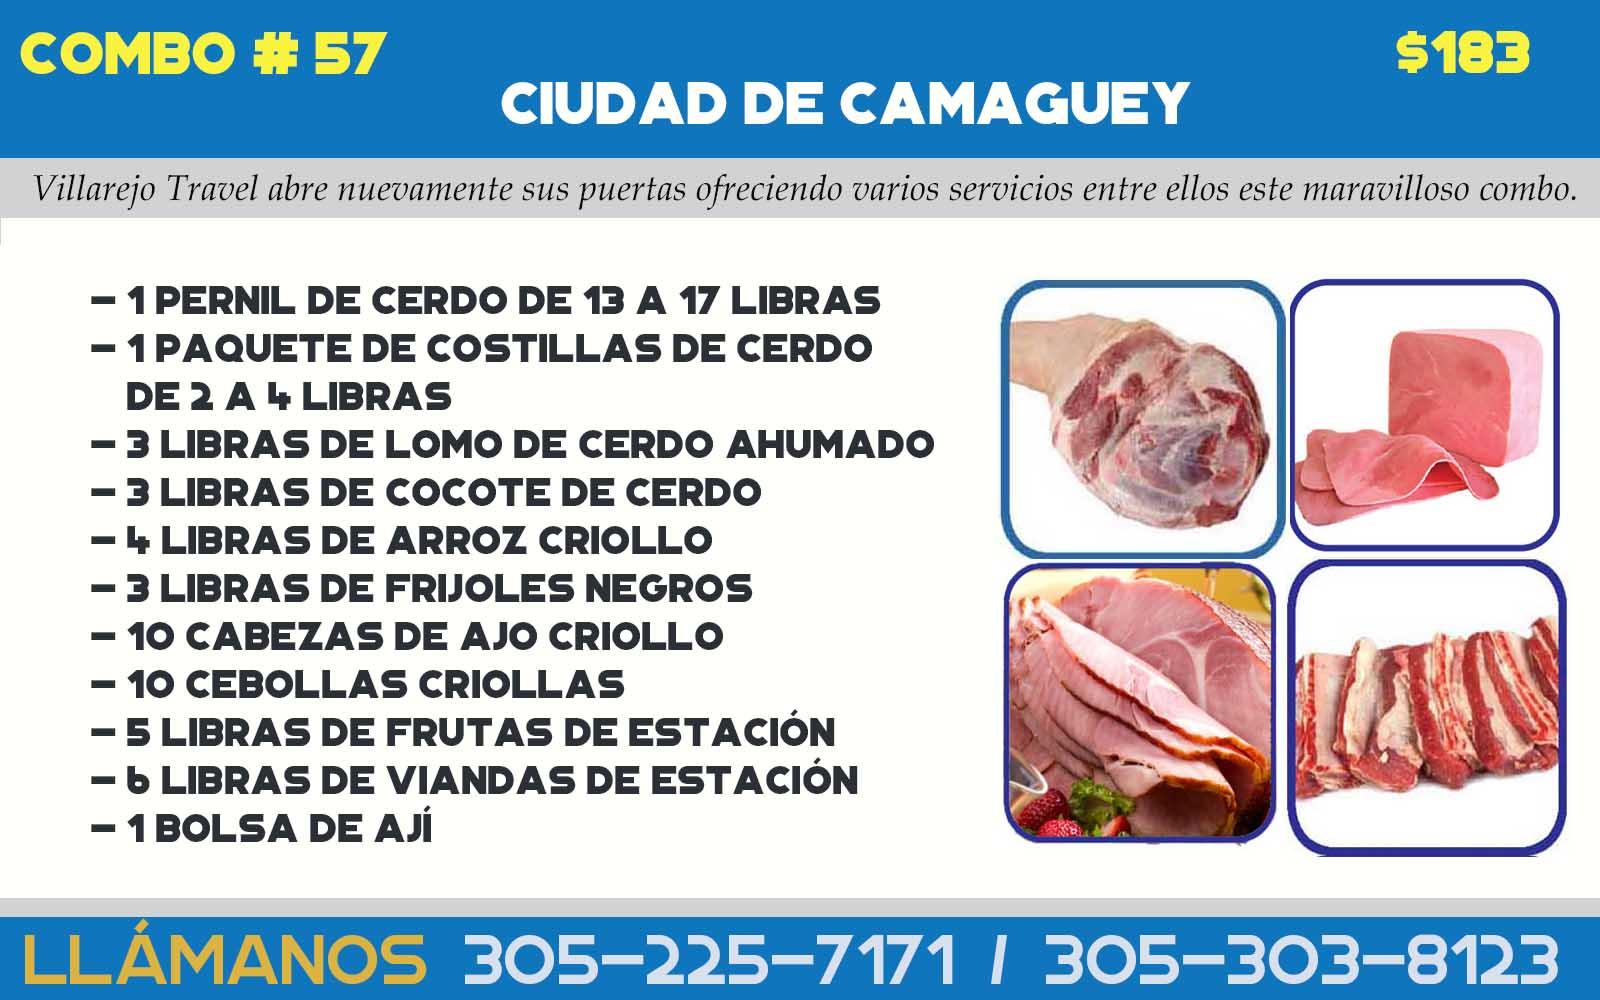 COMBO # 57 CIUDAD DE CAMAGUEY